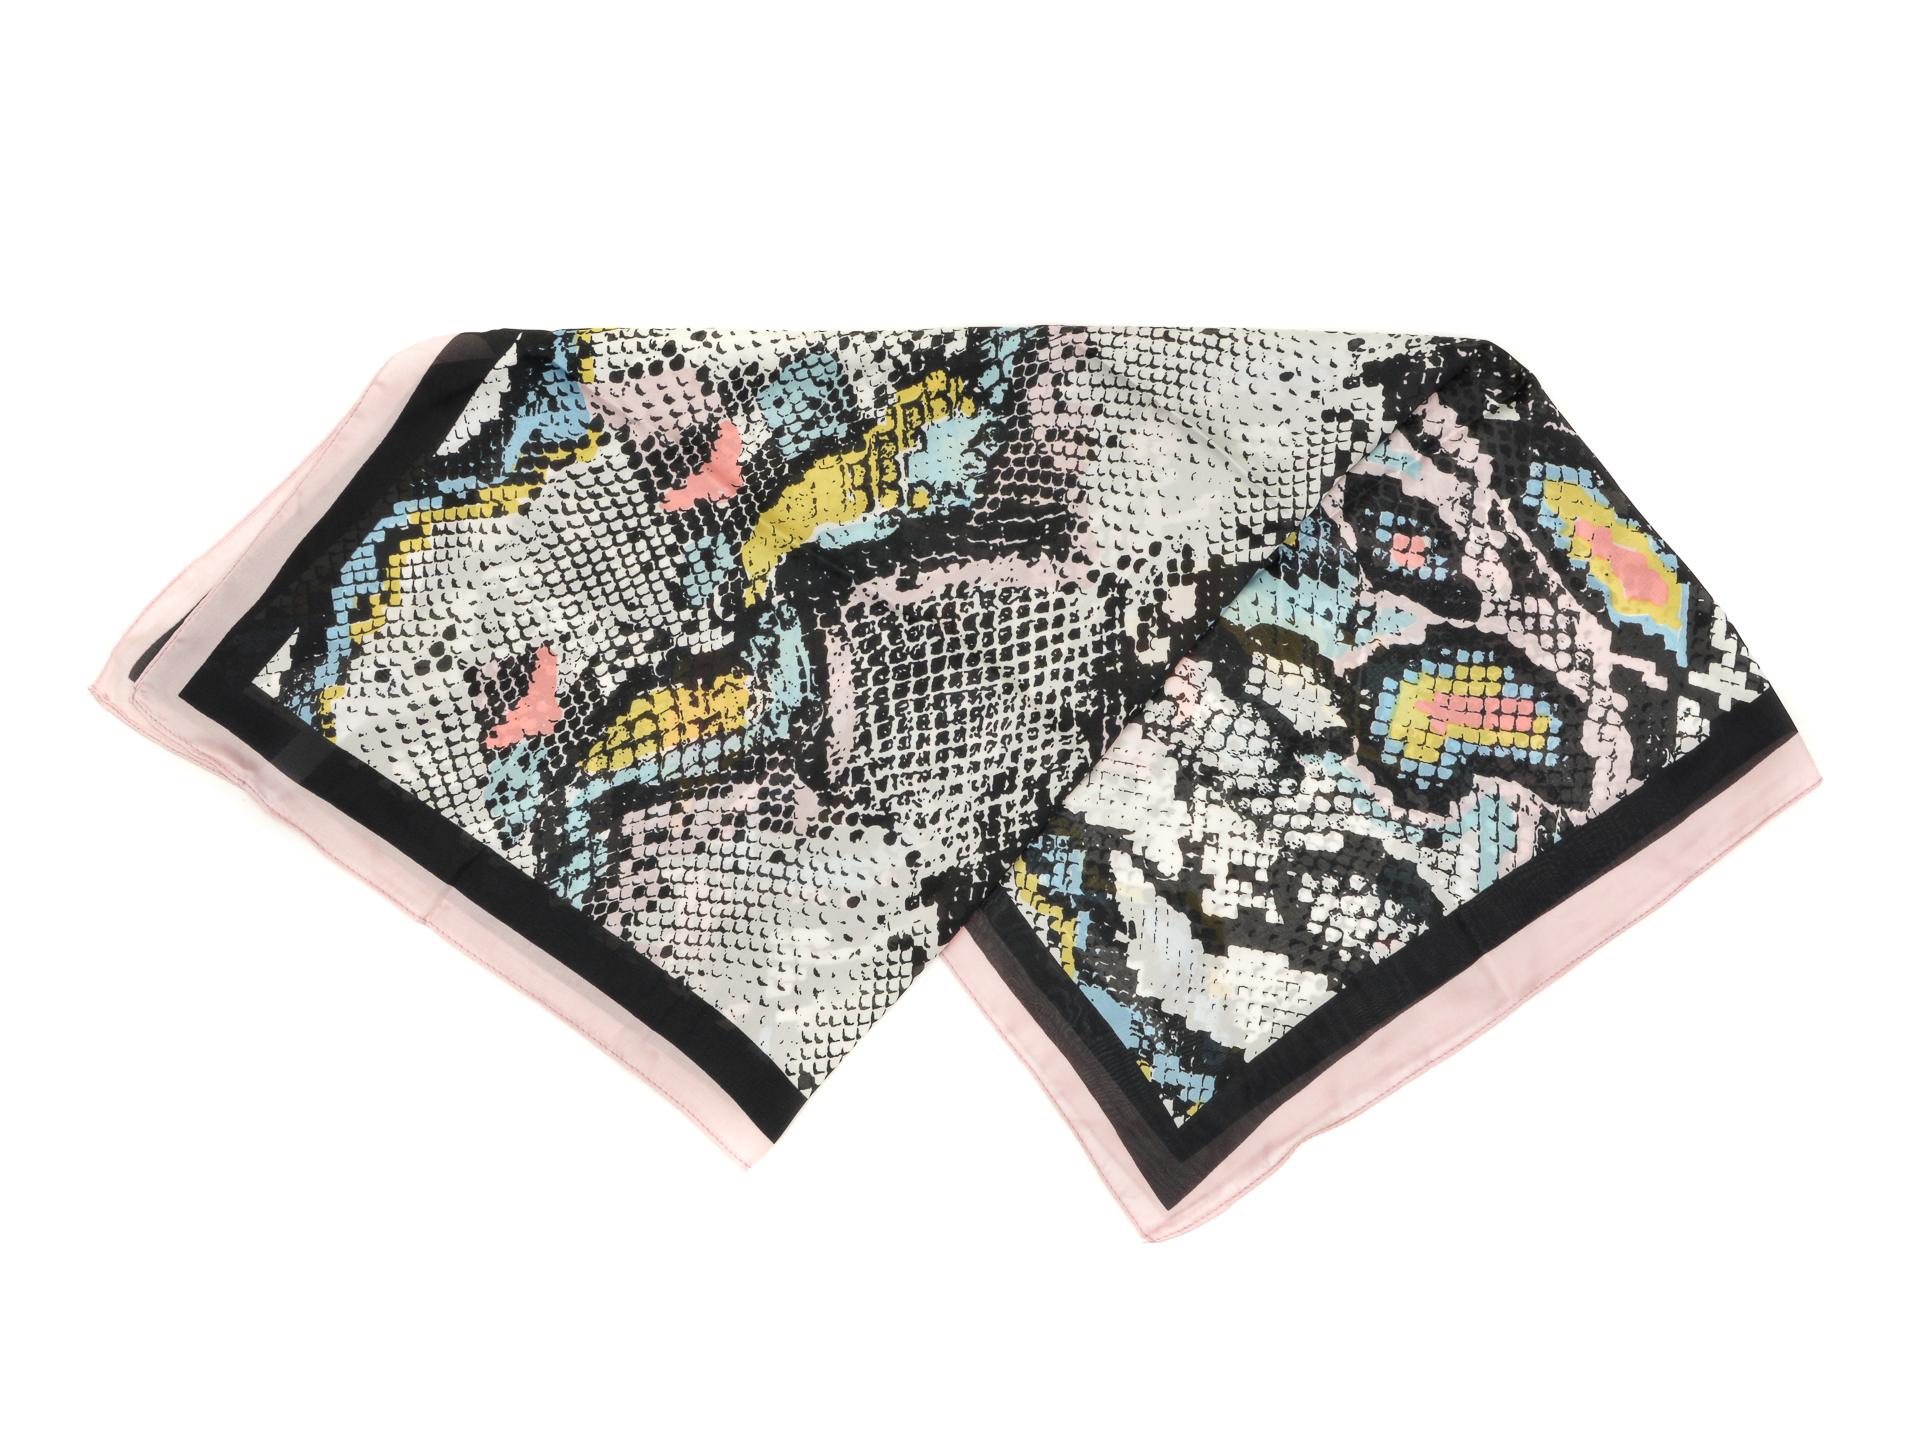 Esarfa ALDO multicolor, Artemis963, din material textil